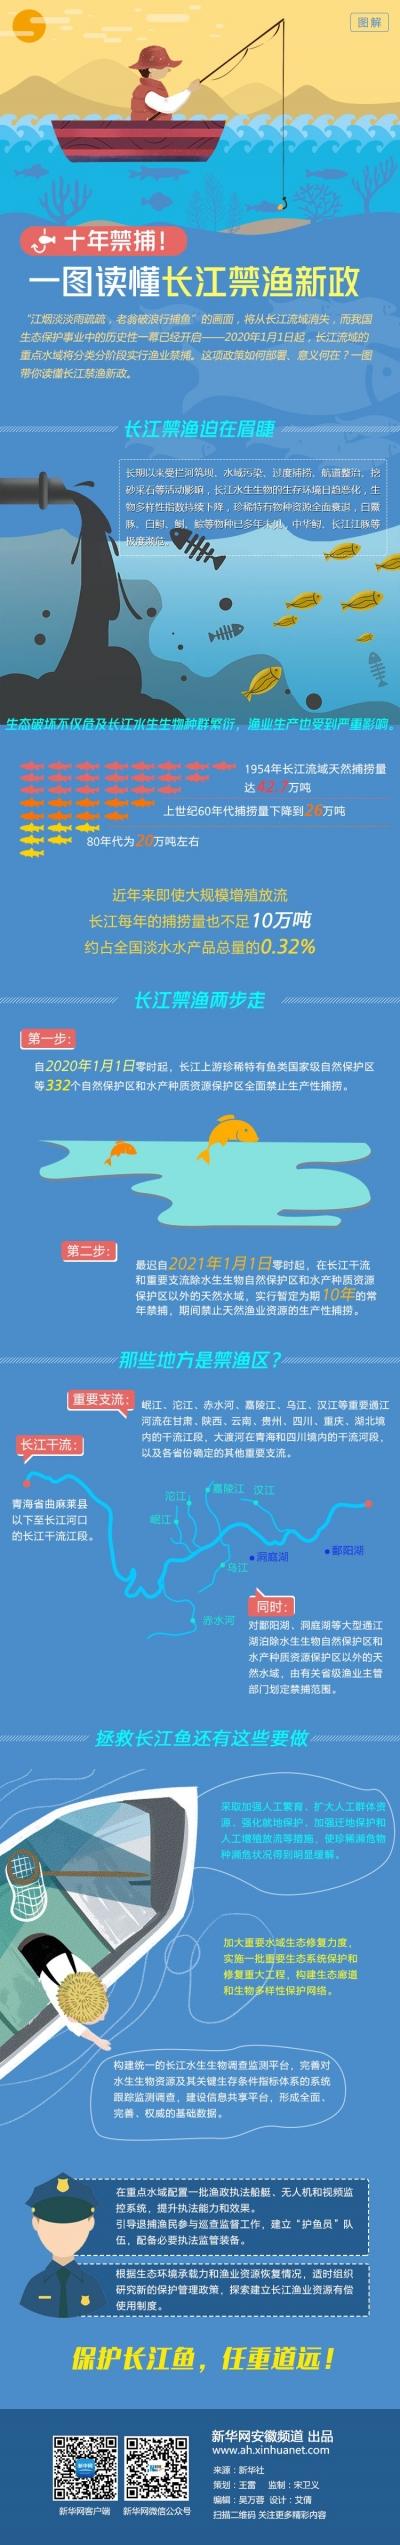 十年禁捕!一图读懂长江禁渔新政